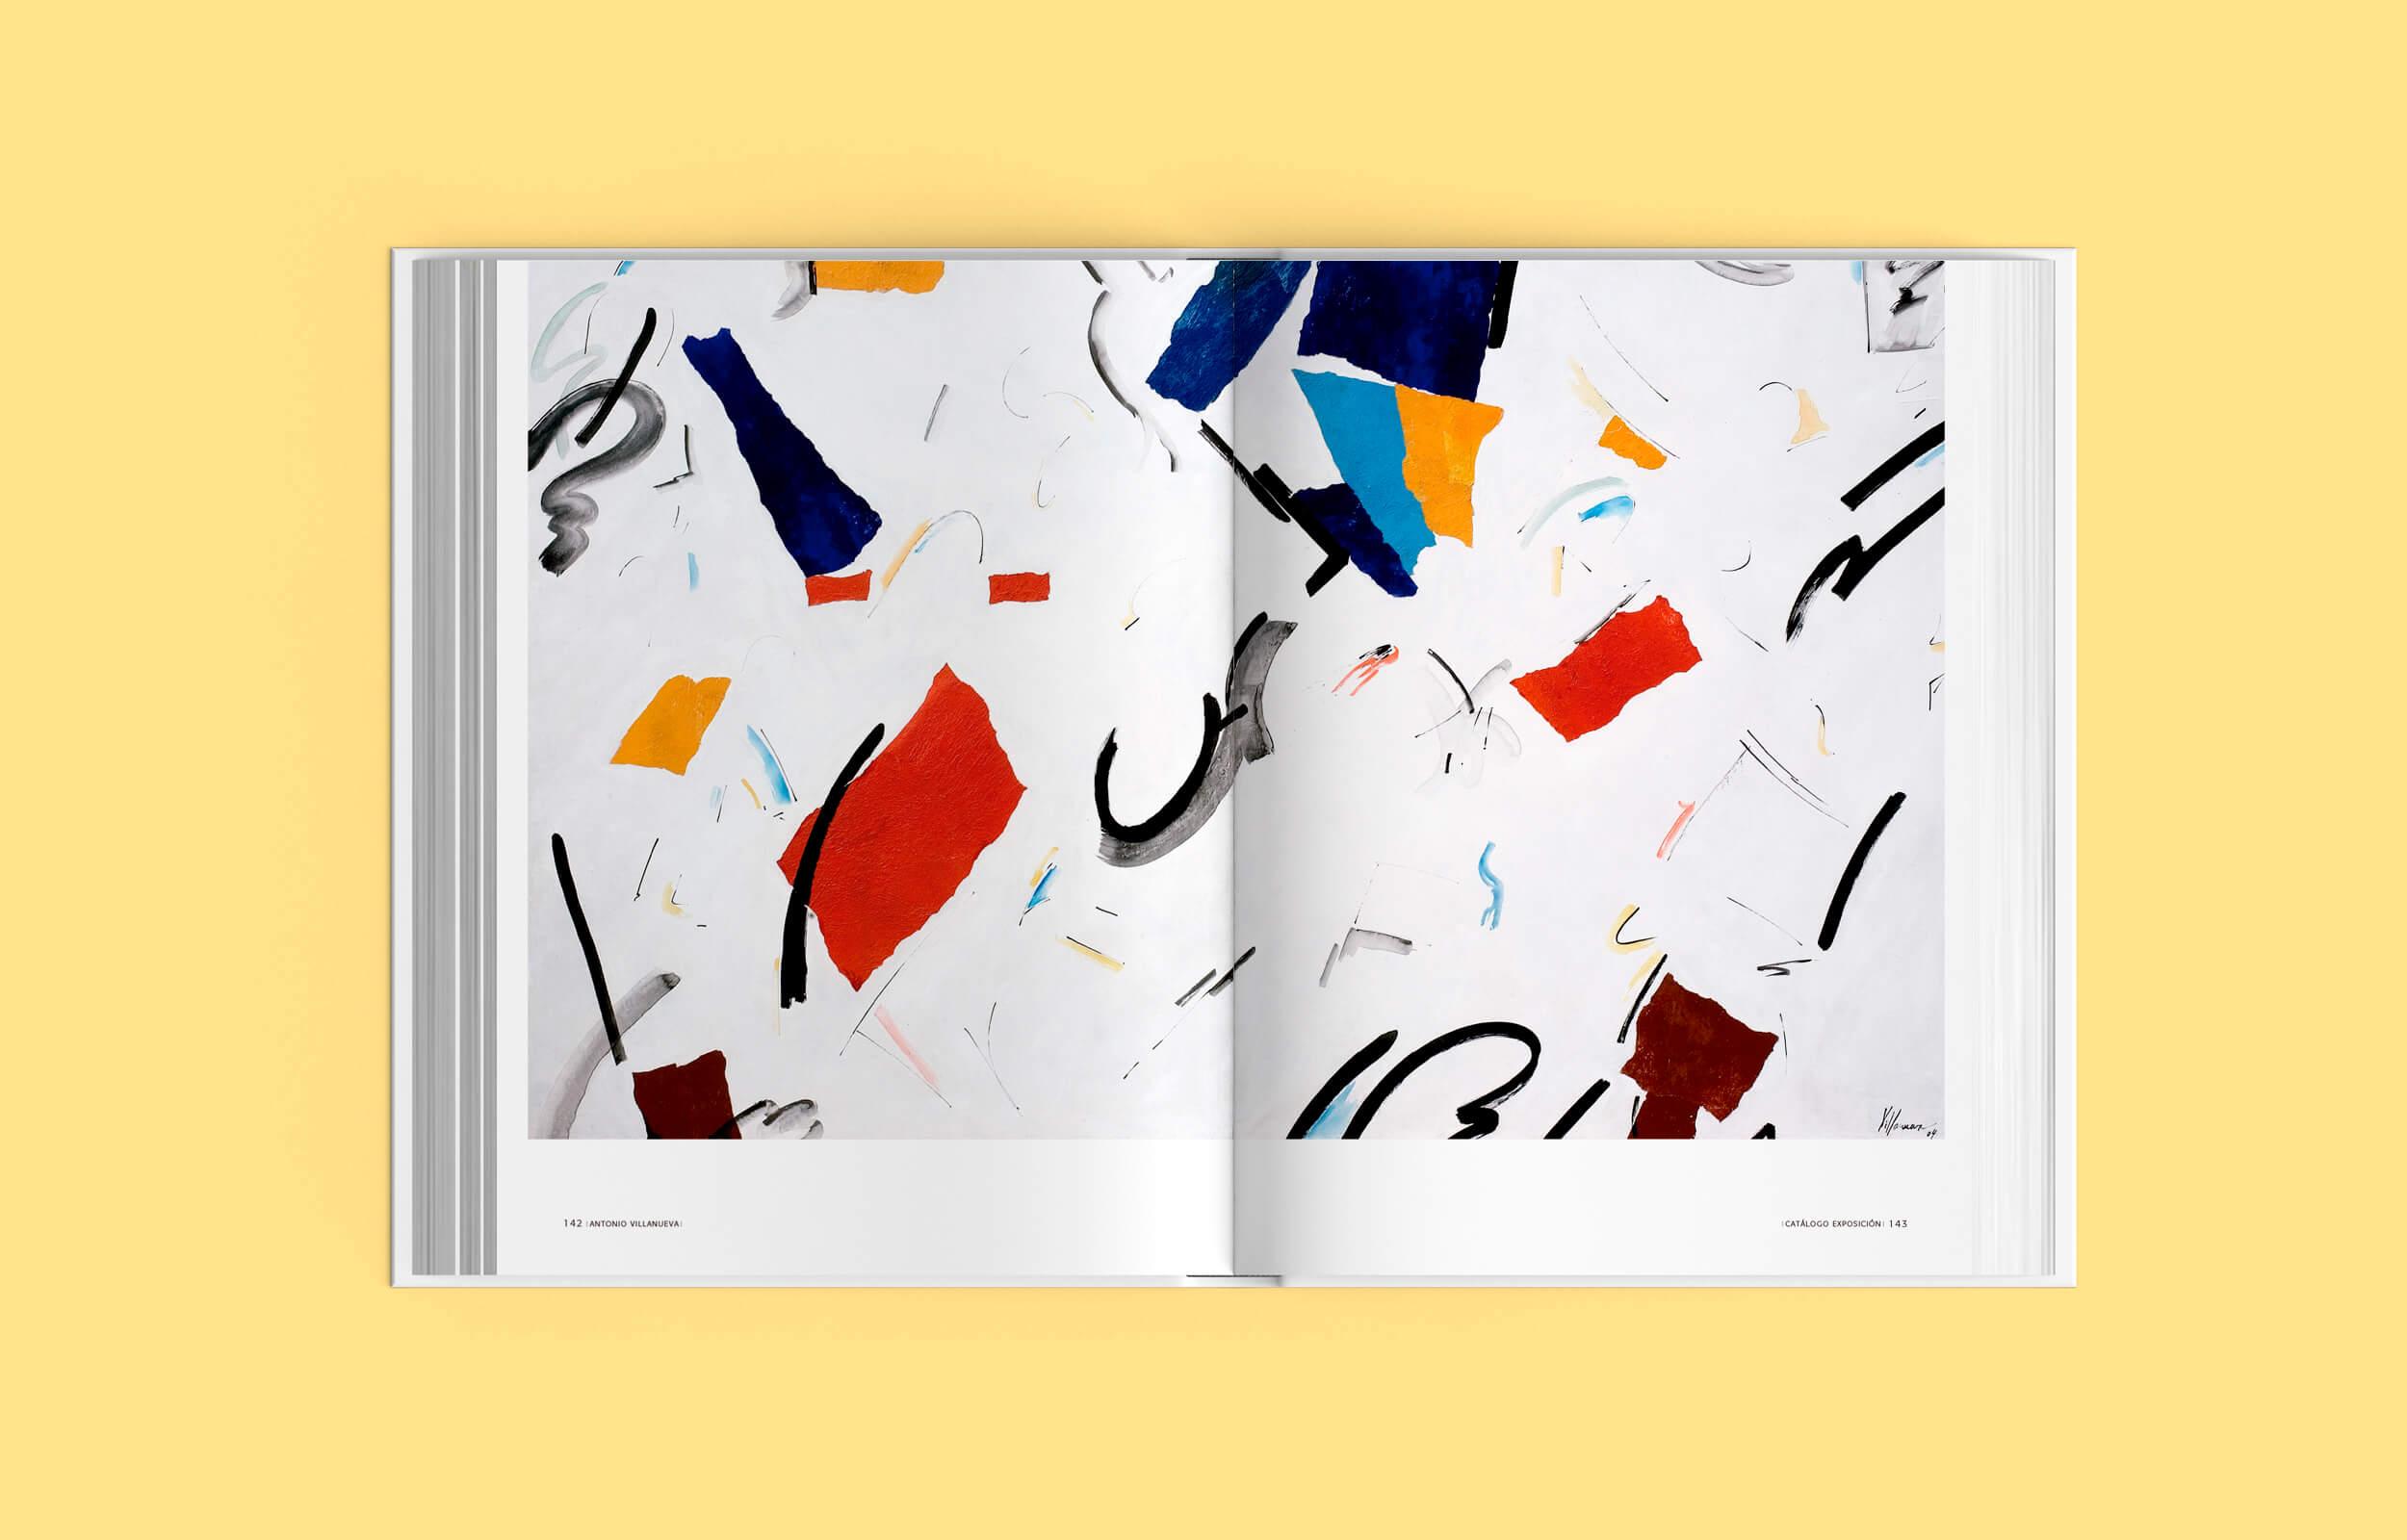 Páginas interiores del libro del artista Ibicenco Antonio Villanueva